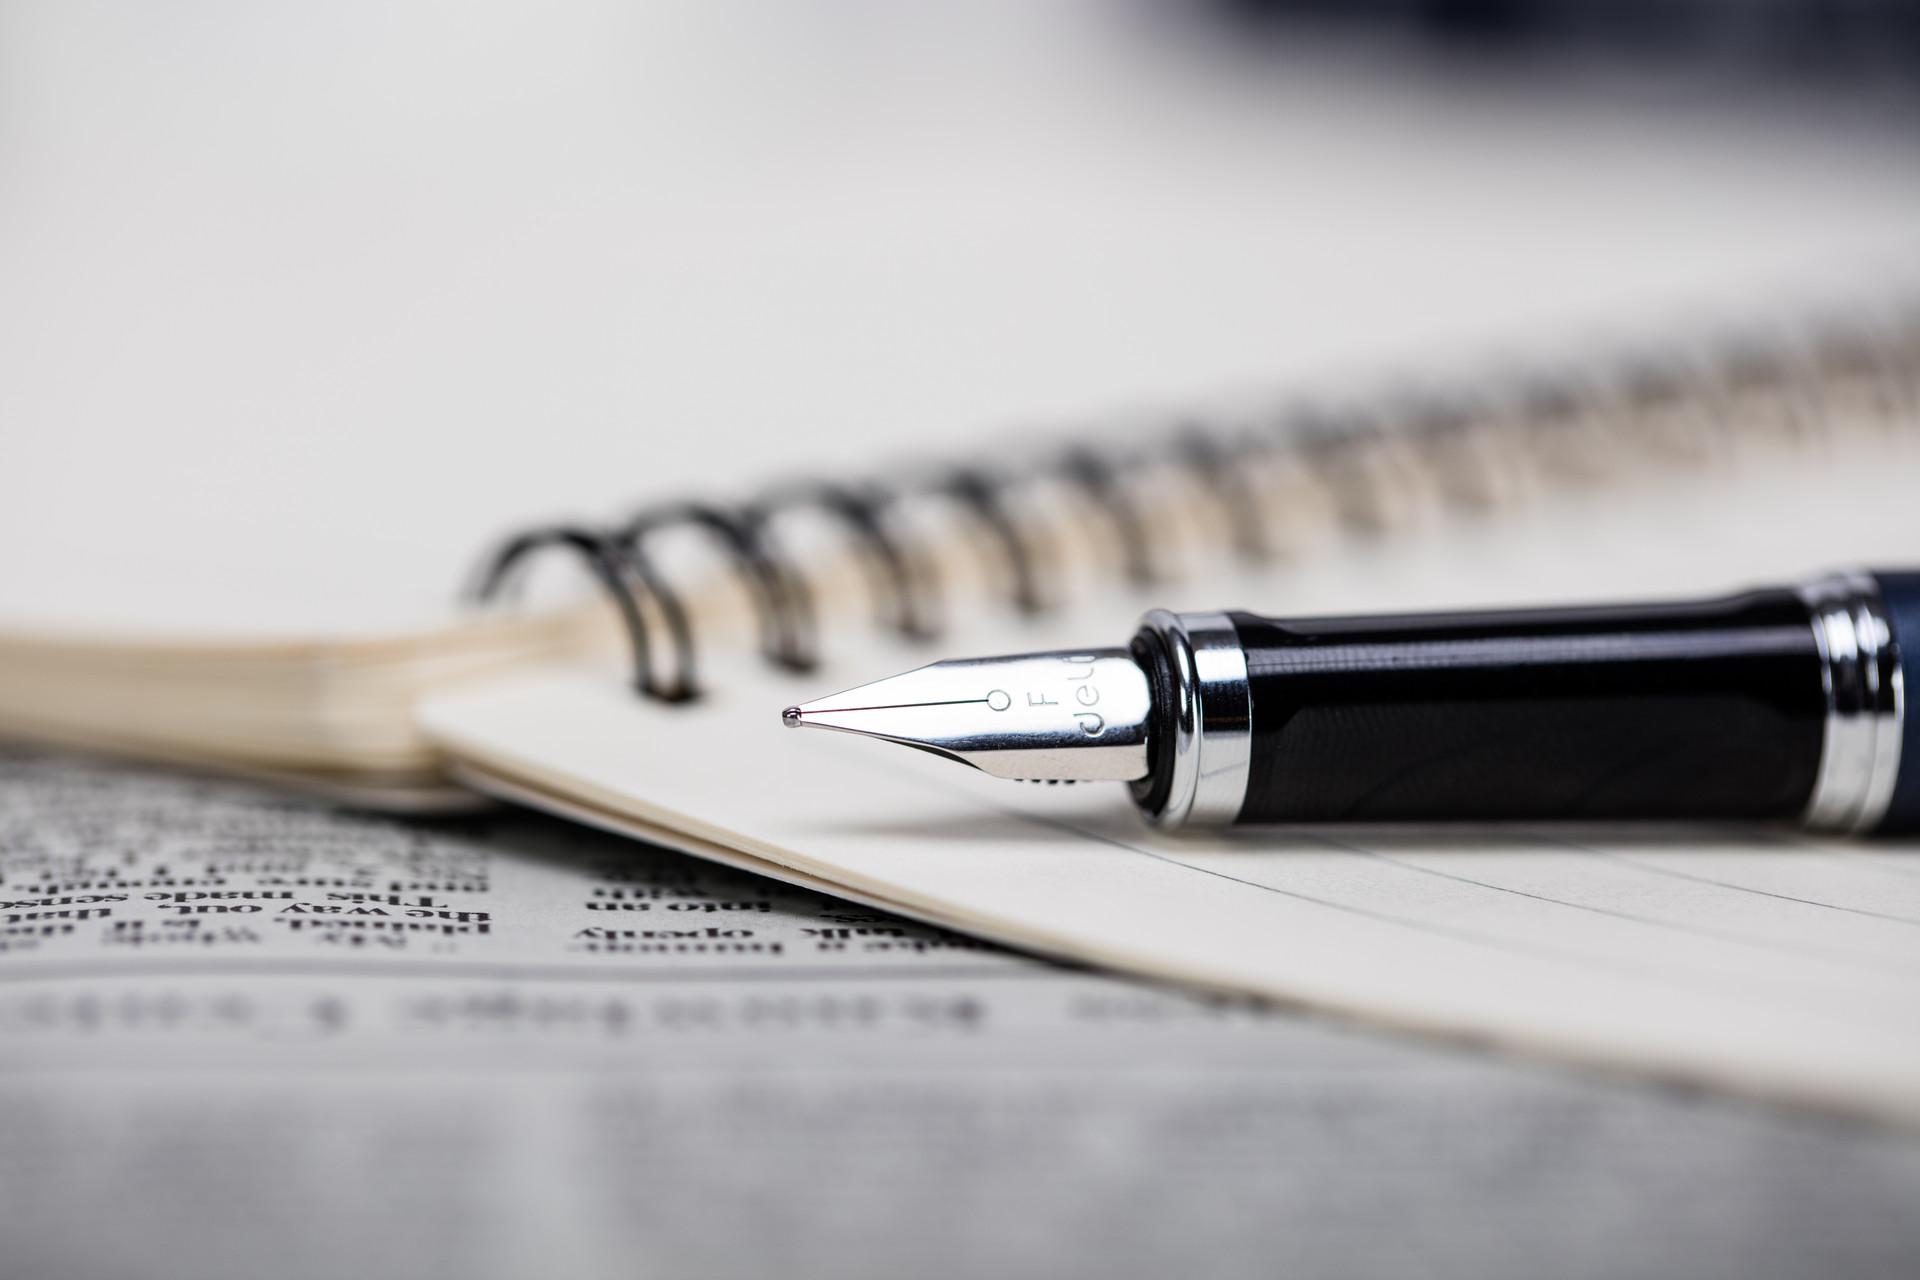 加班费申请仲裁时效是多久?仲裁需走的程序?